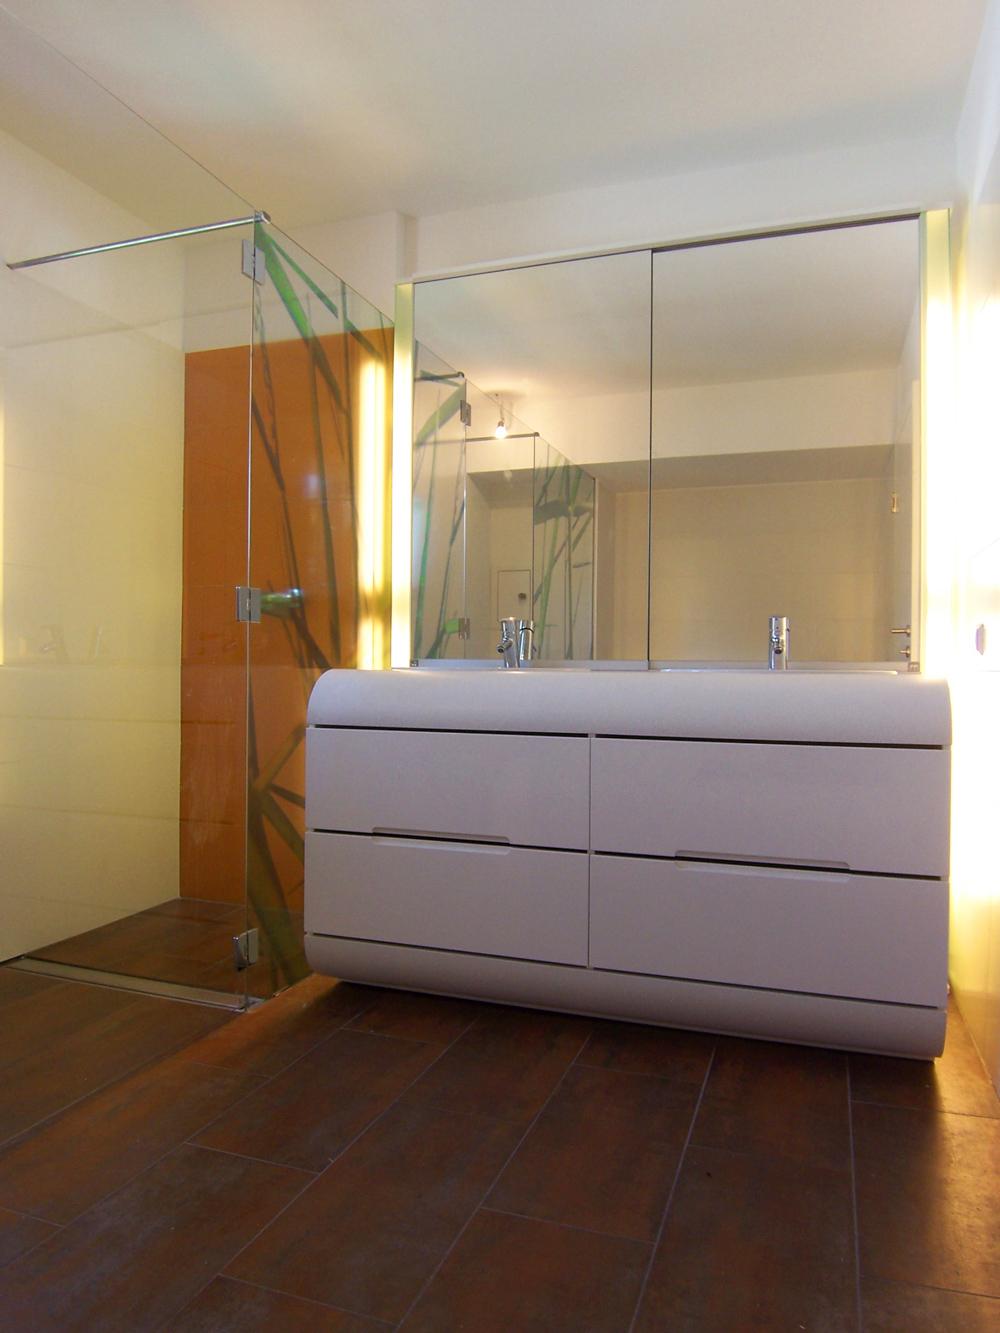 Bild des Bades mit integriertem Möbeldesign (Waschtisch & Dusche) von einem Einfamilienhaus das von Architekten geplant wurde